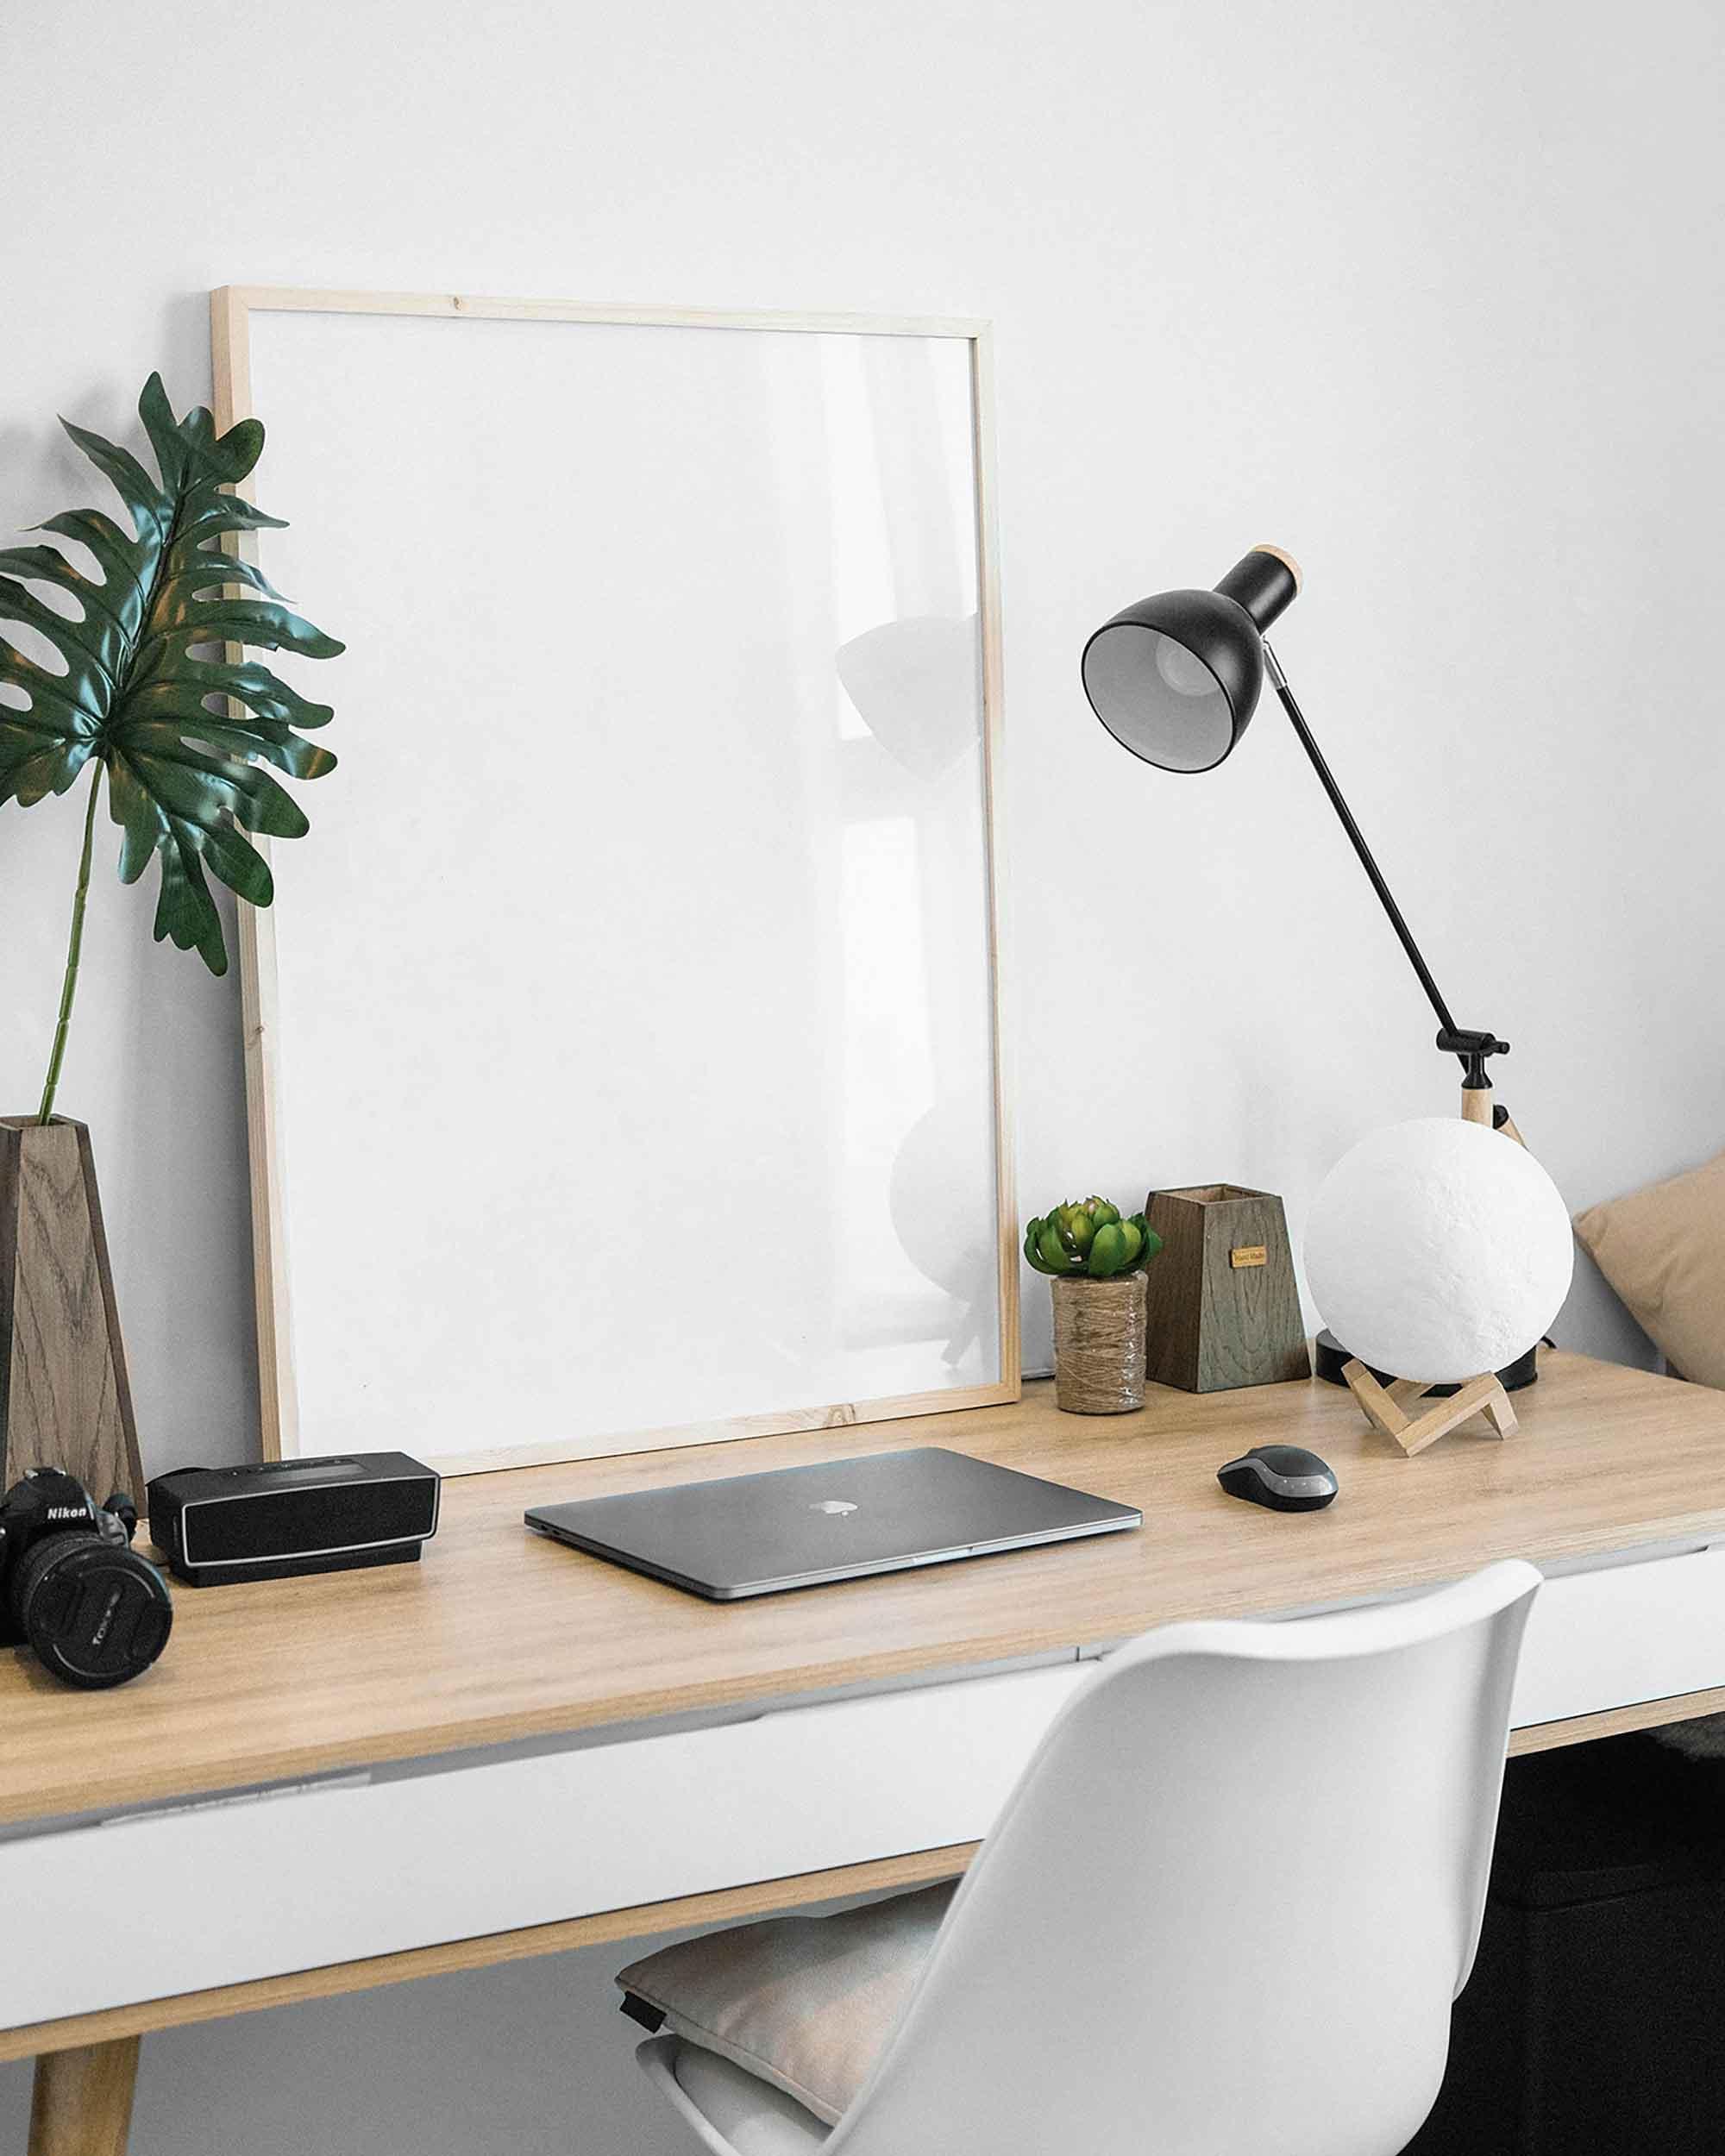 Picture Frame on Desk Mockup 2